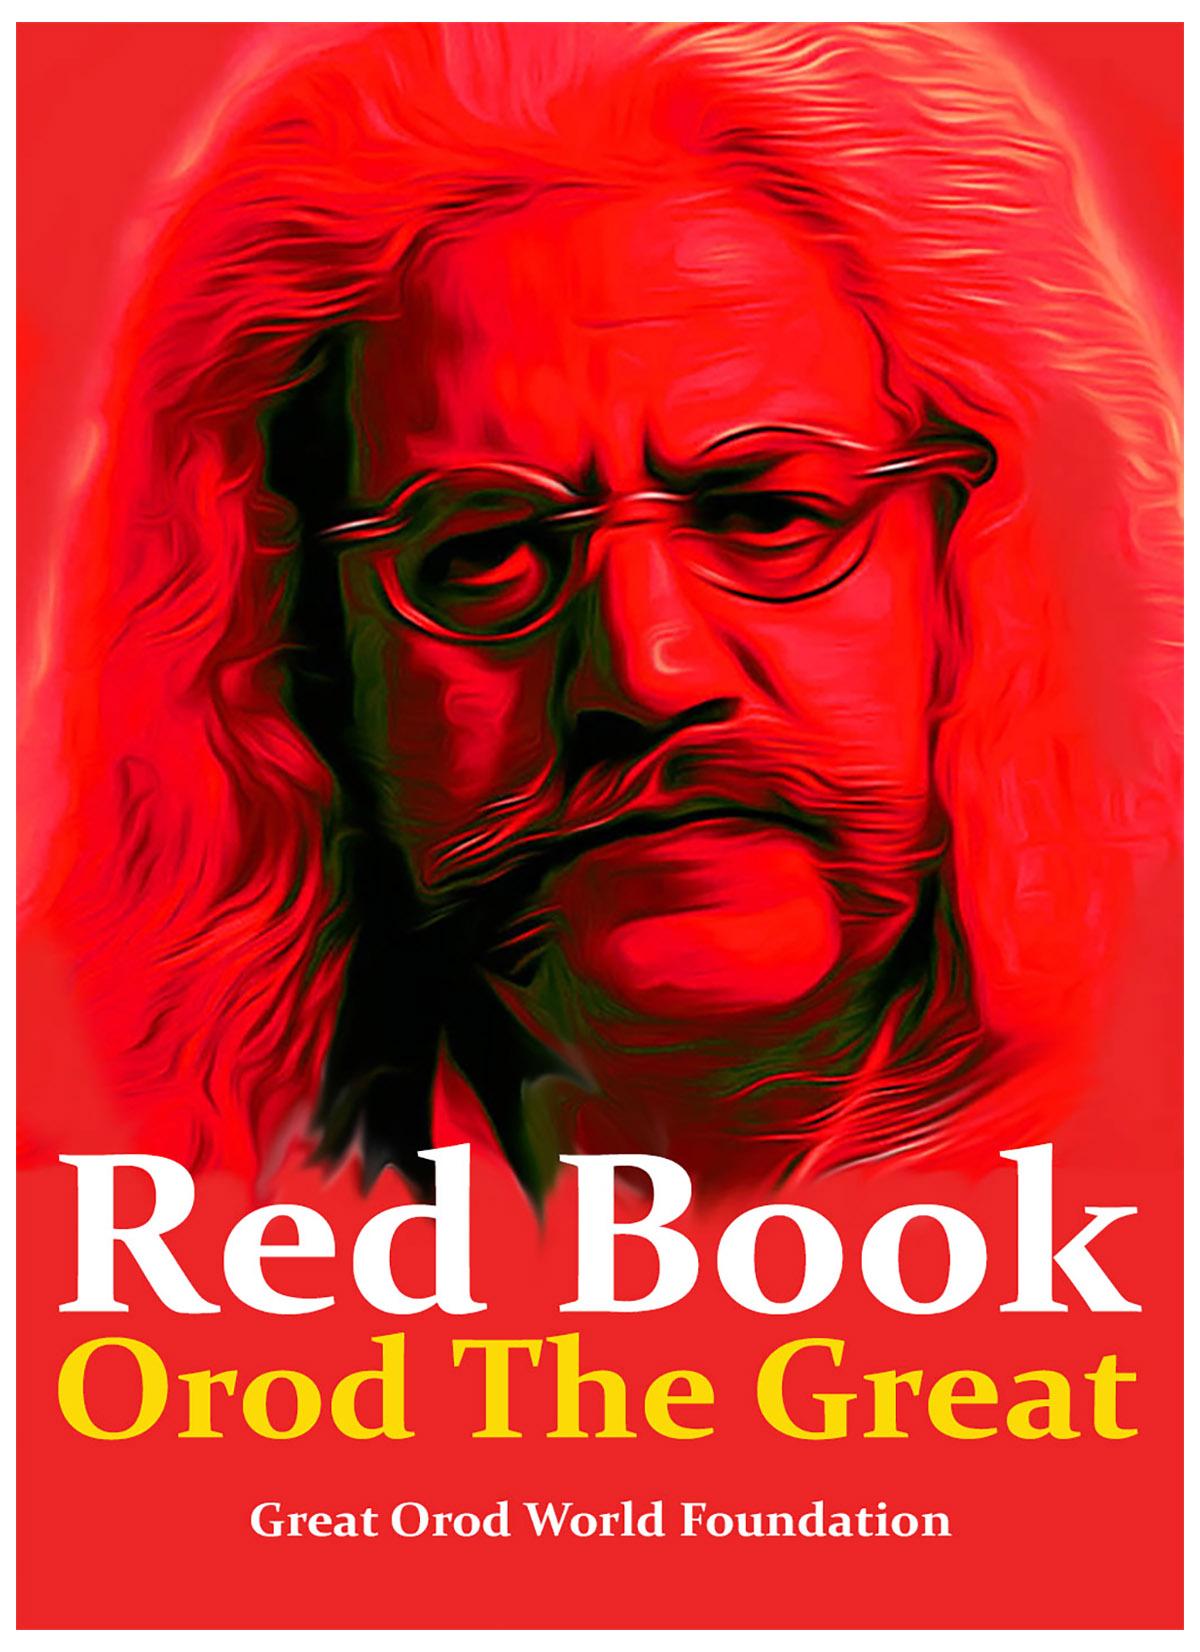 نصایح خواندنی استاد فیلسوف حکیم اُرُد بزرگ خراسانی بنیانگذار فلسفه اُرُدیسم Red_book_Japan_EN